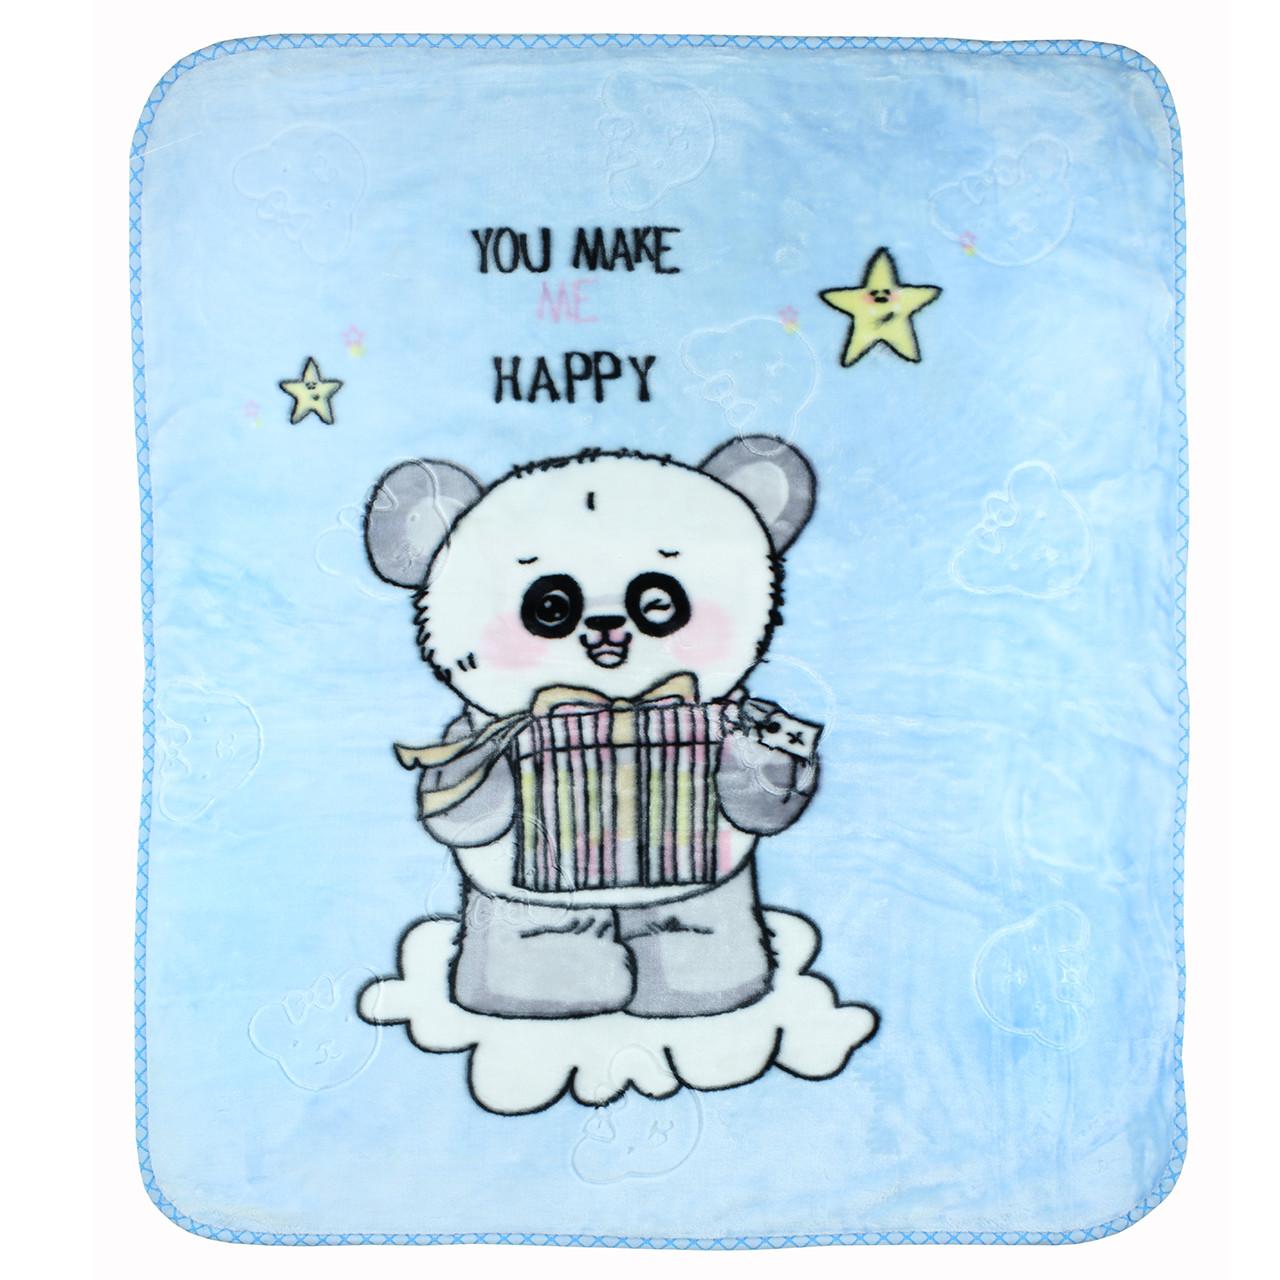 Детское одеяло голубое, покрывало голубое в детскую, пледик детский 100x110см